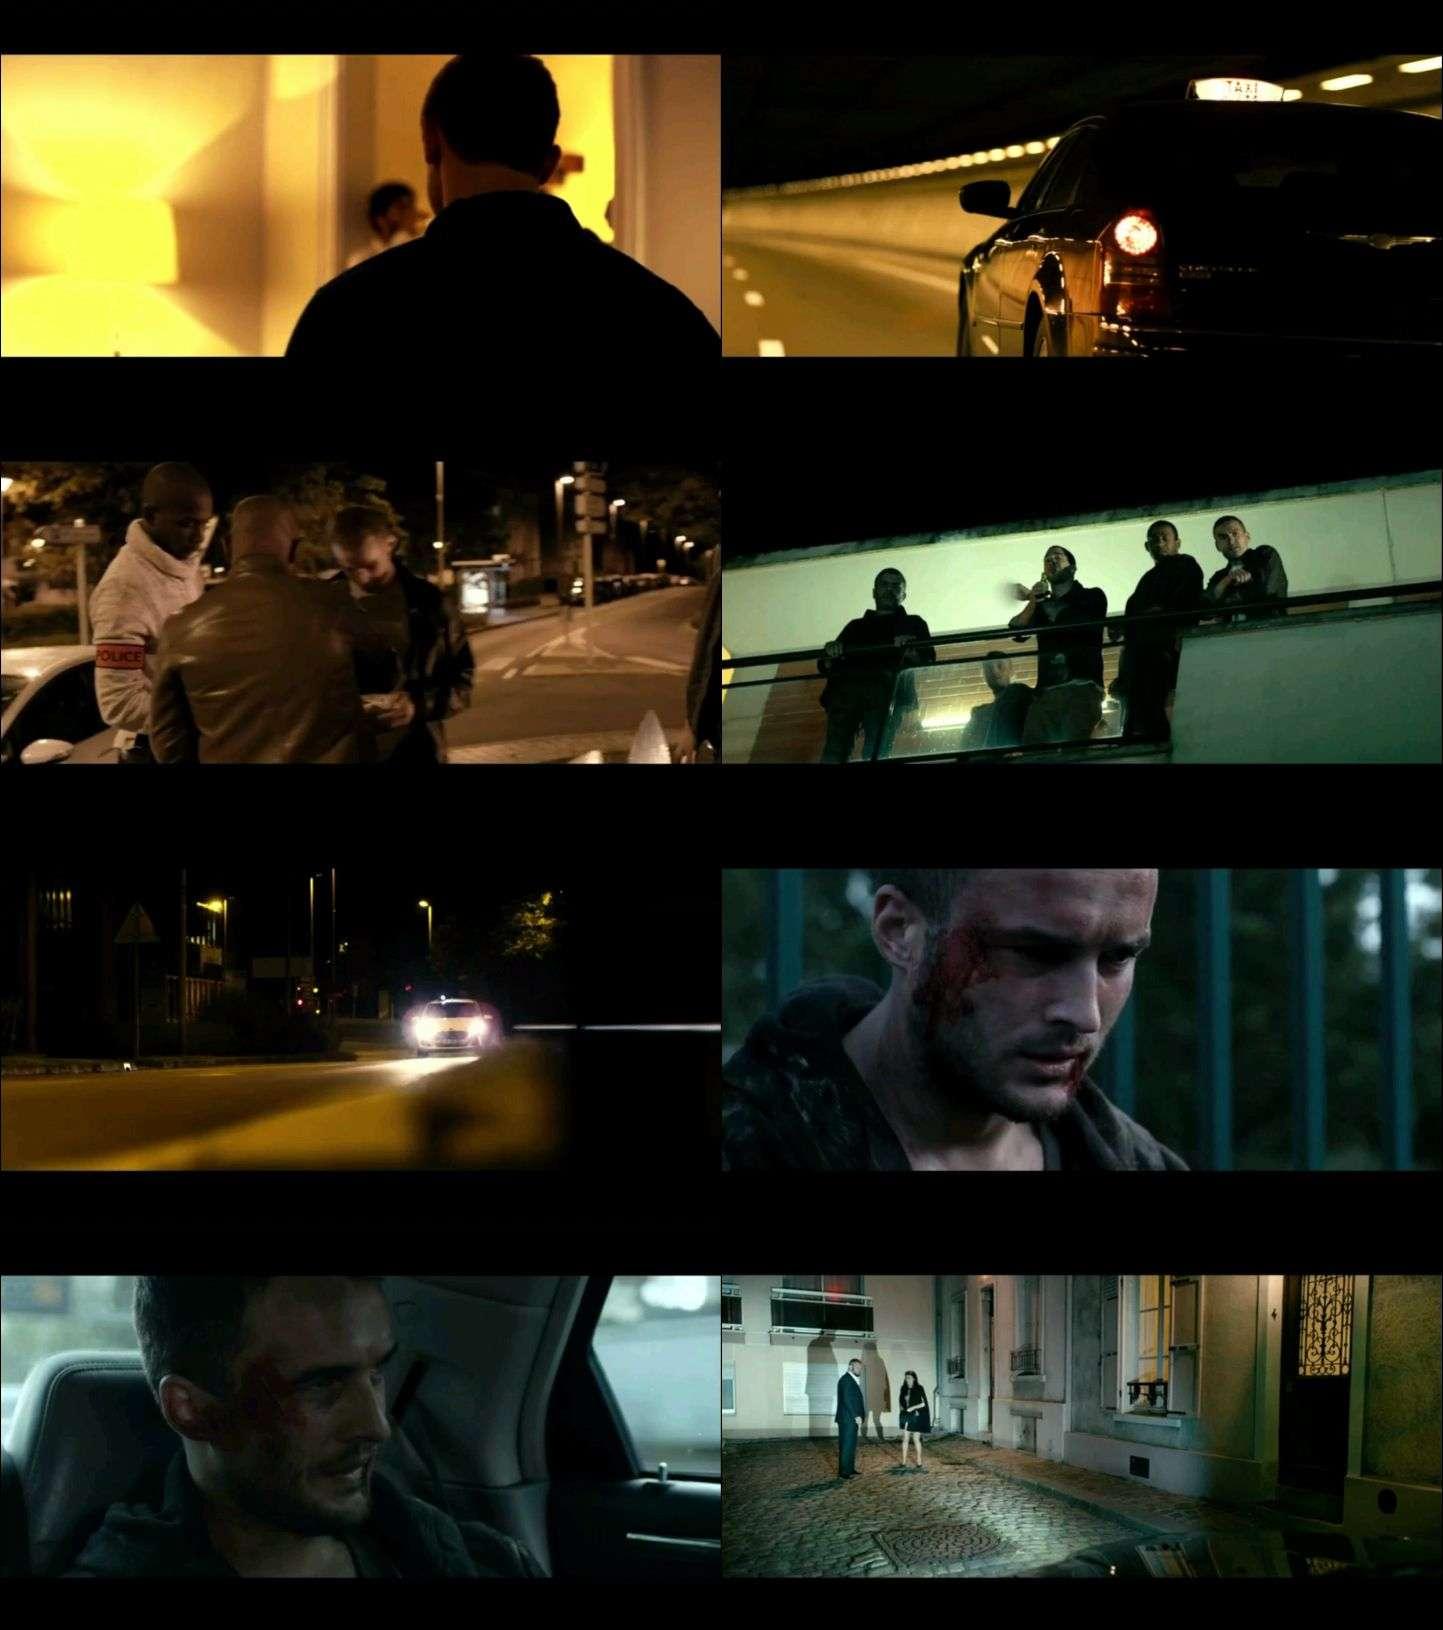 Gece Tarifesi - Night Fare (2015) türkçe dublaj film indir